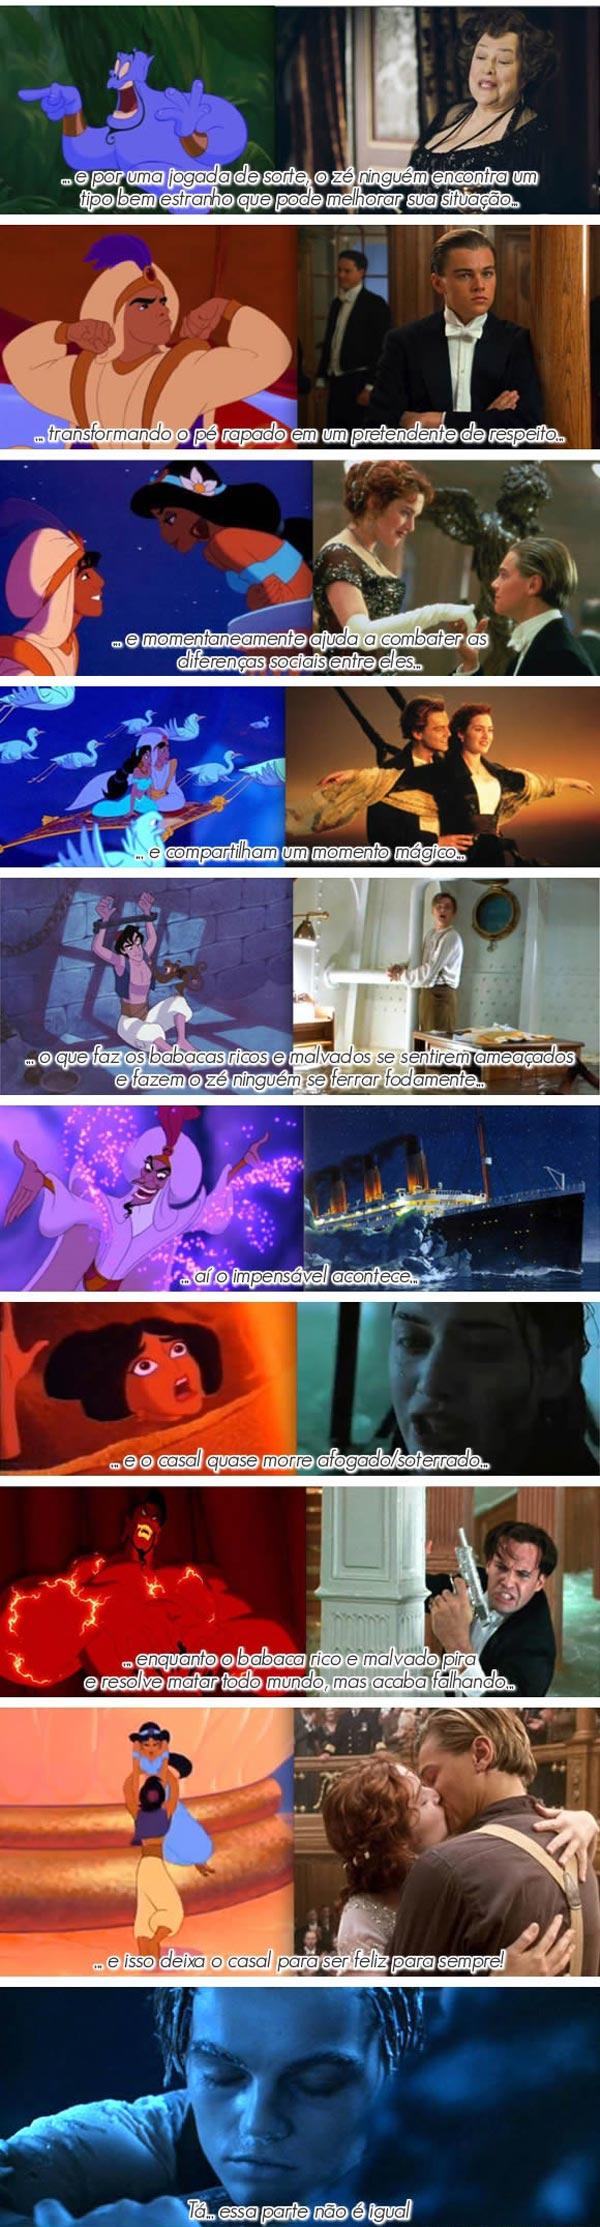 Alladin e Titanic são a mesma história